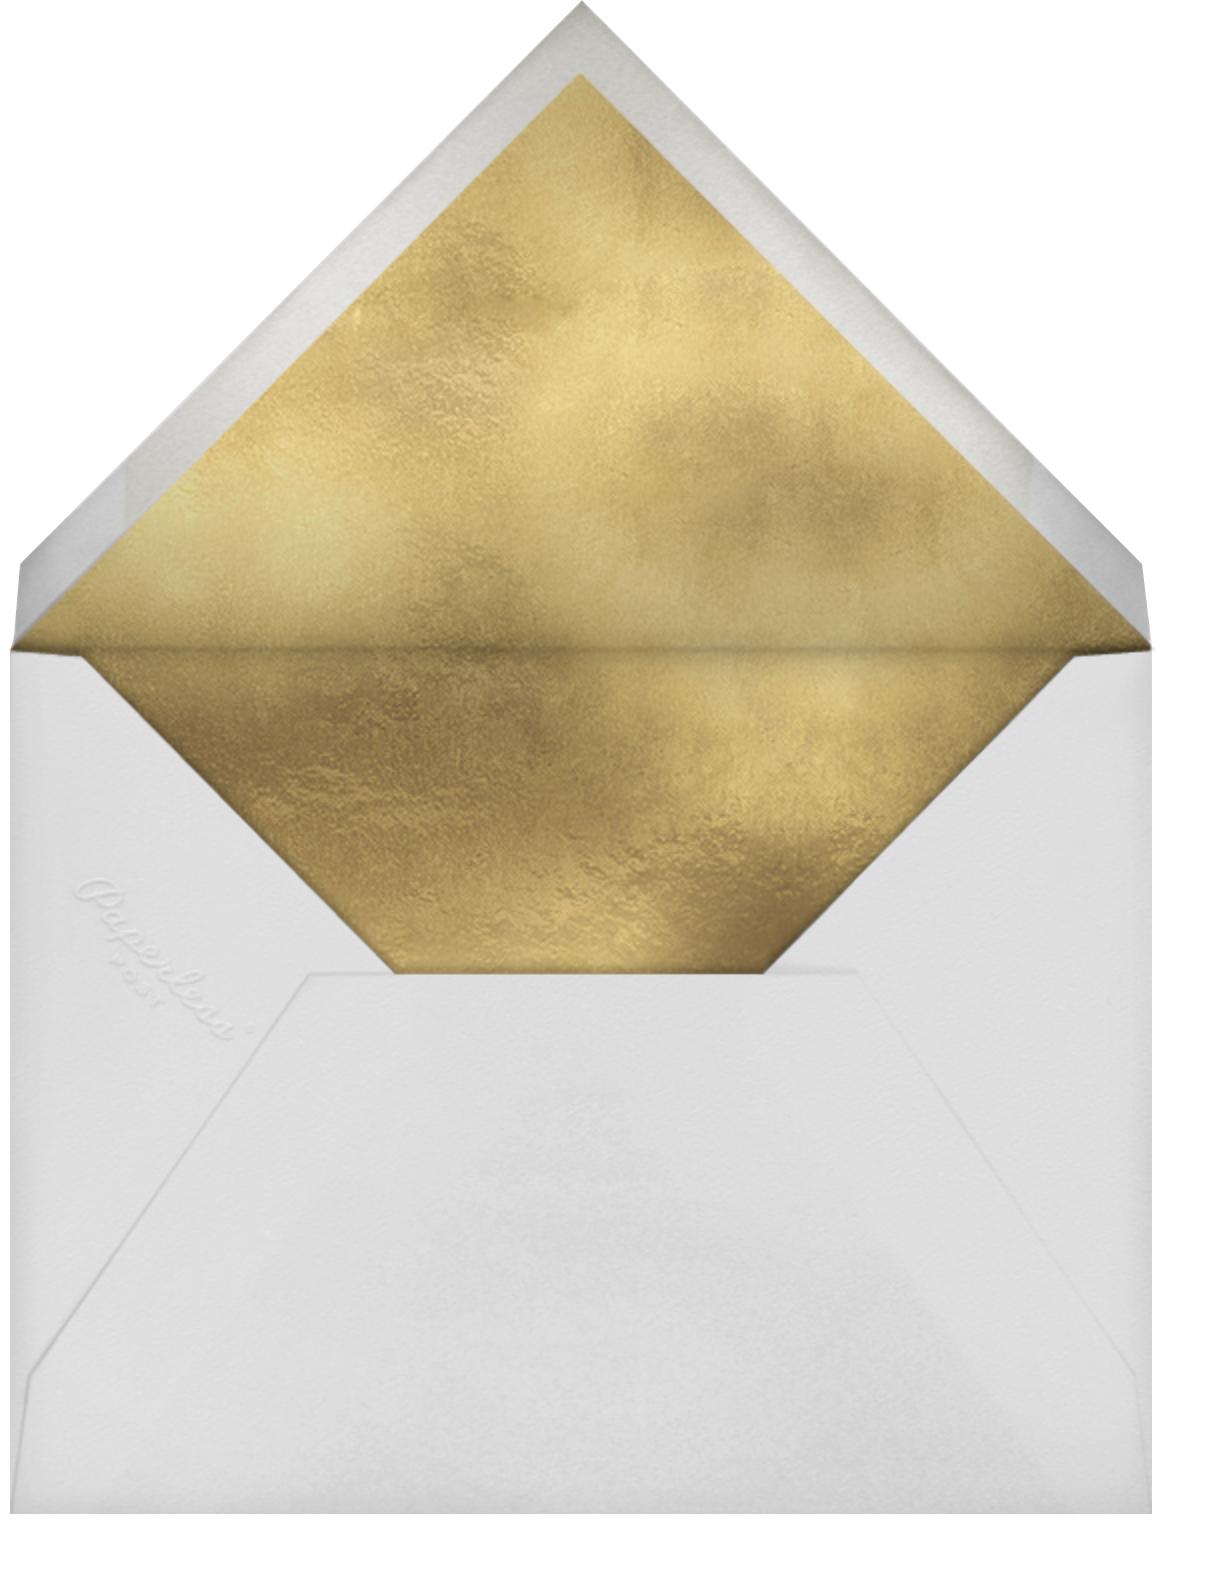 Wildflower Calico - White/Blossom - Oscar de la Renta - Envelope